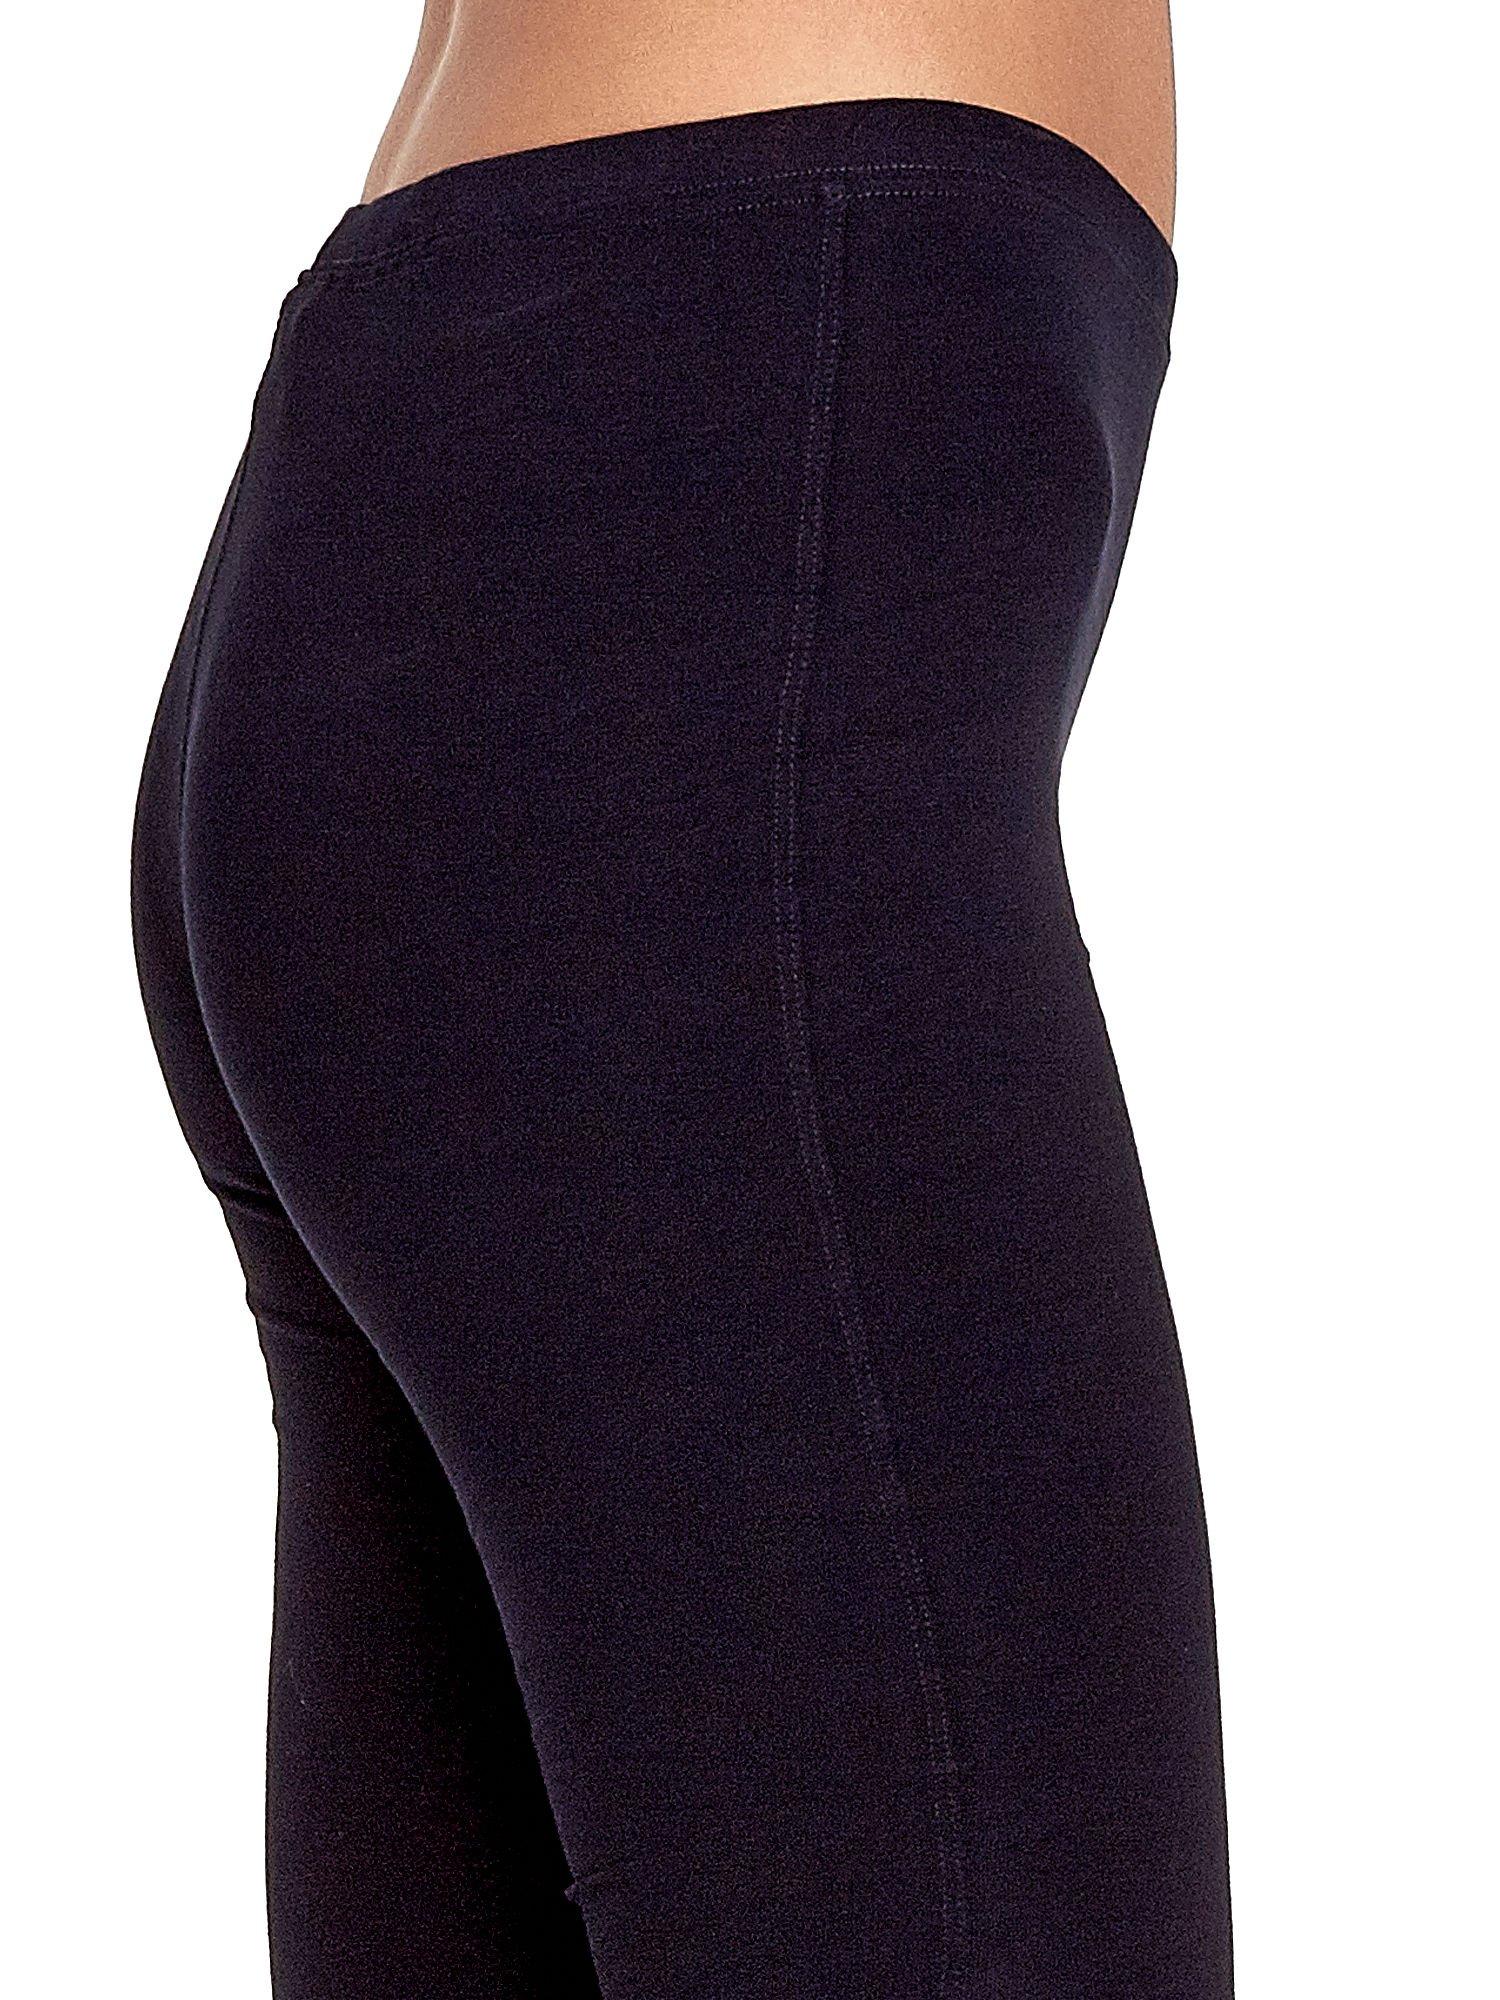 Granatowe legginsy sportowe ze szwem                                  zdj.                                  5